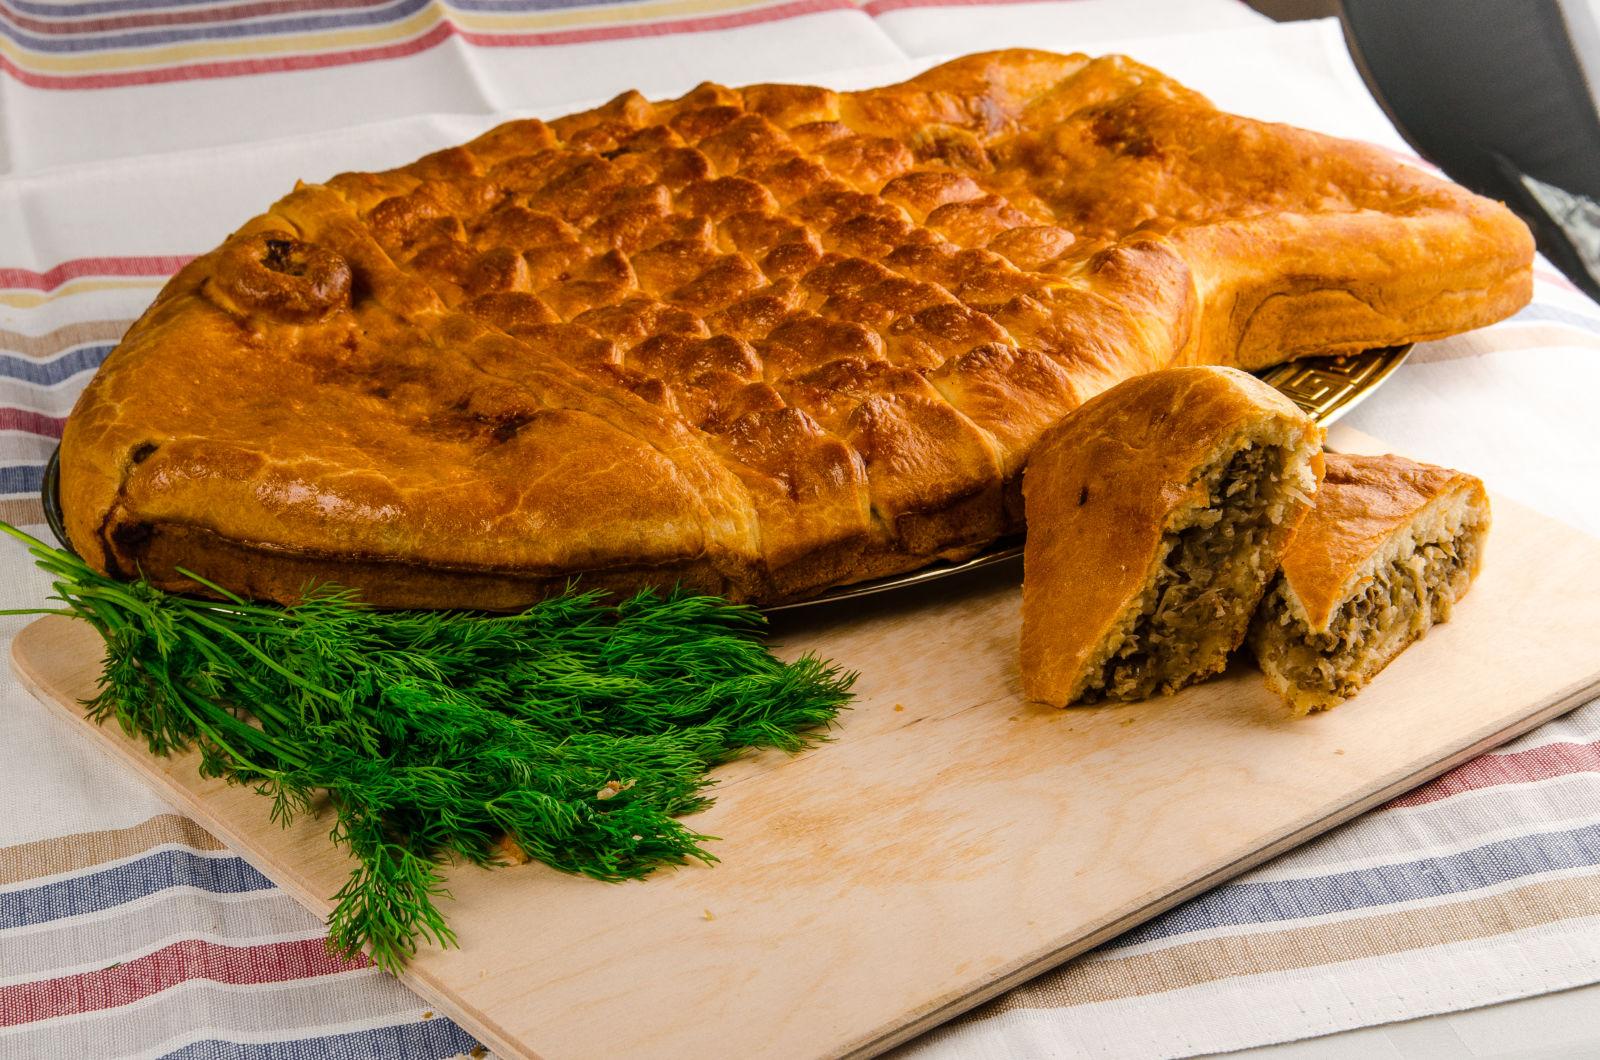 даже рецепт рыбного пирога с фото потереть терке, чеснок